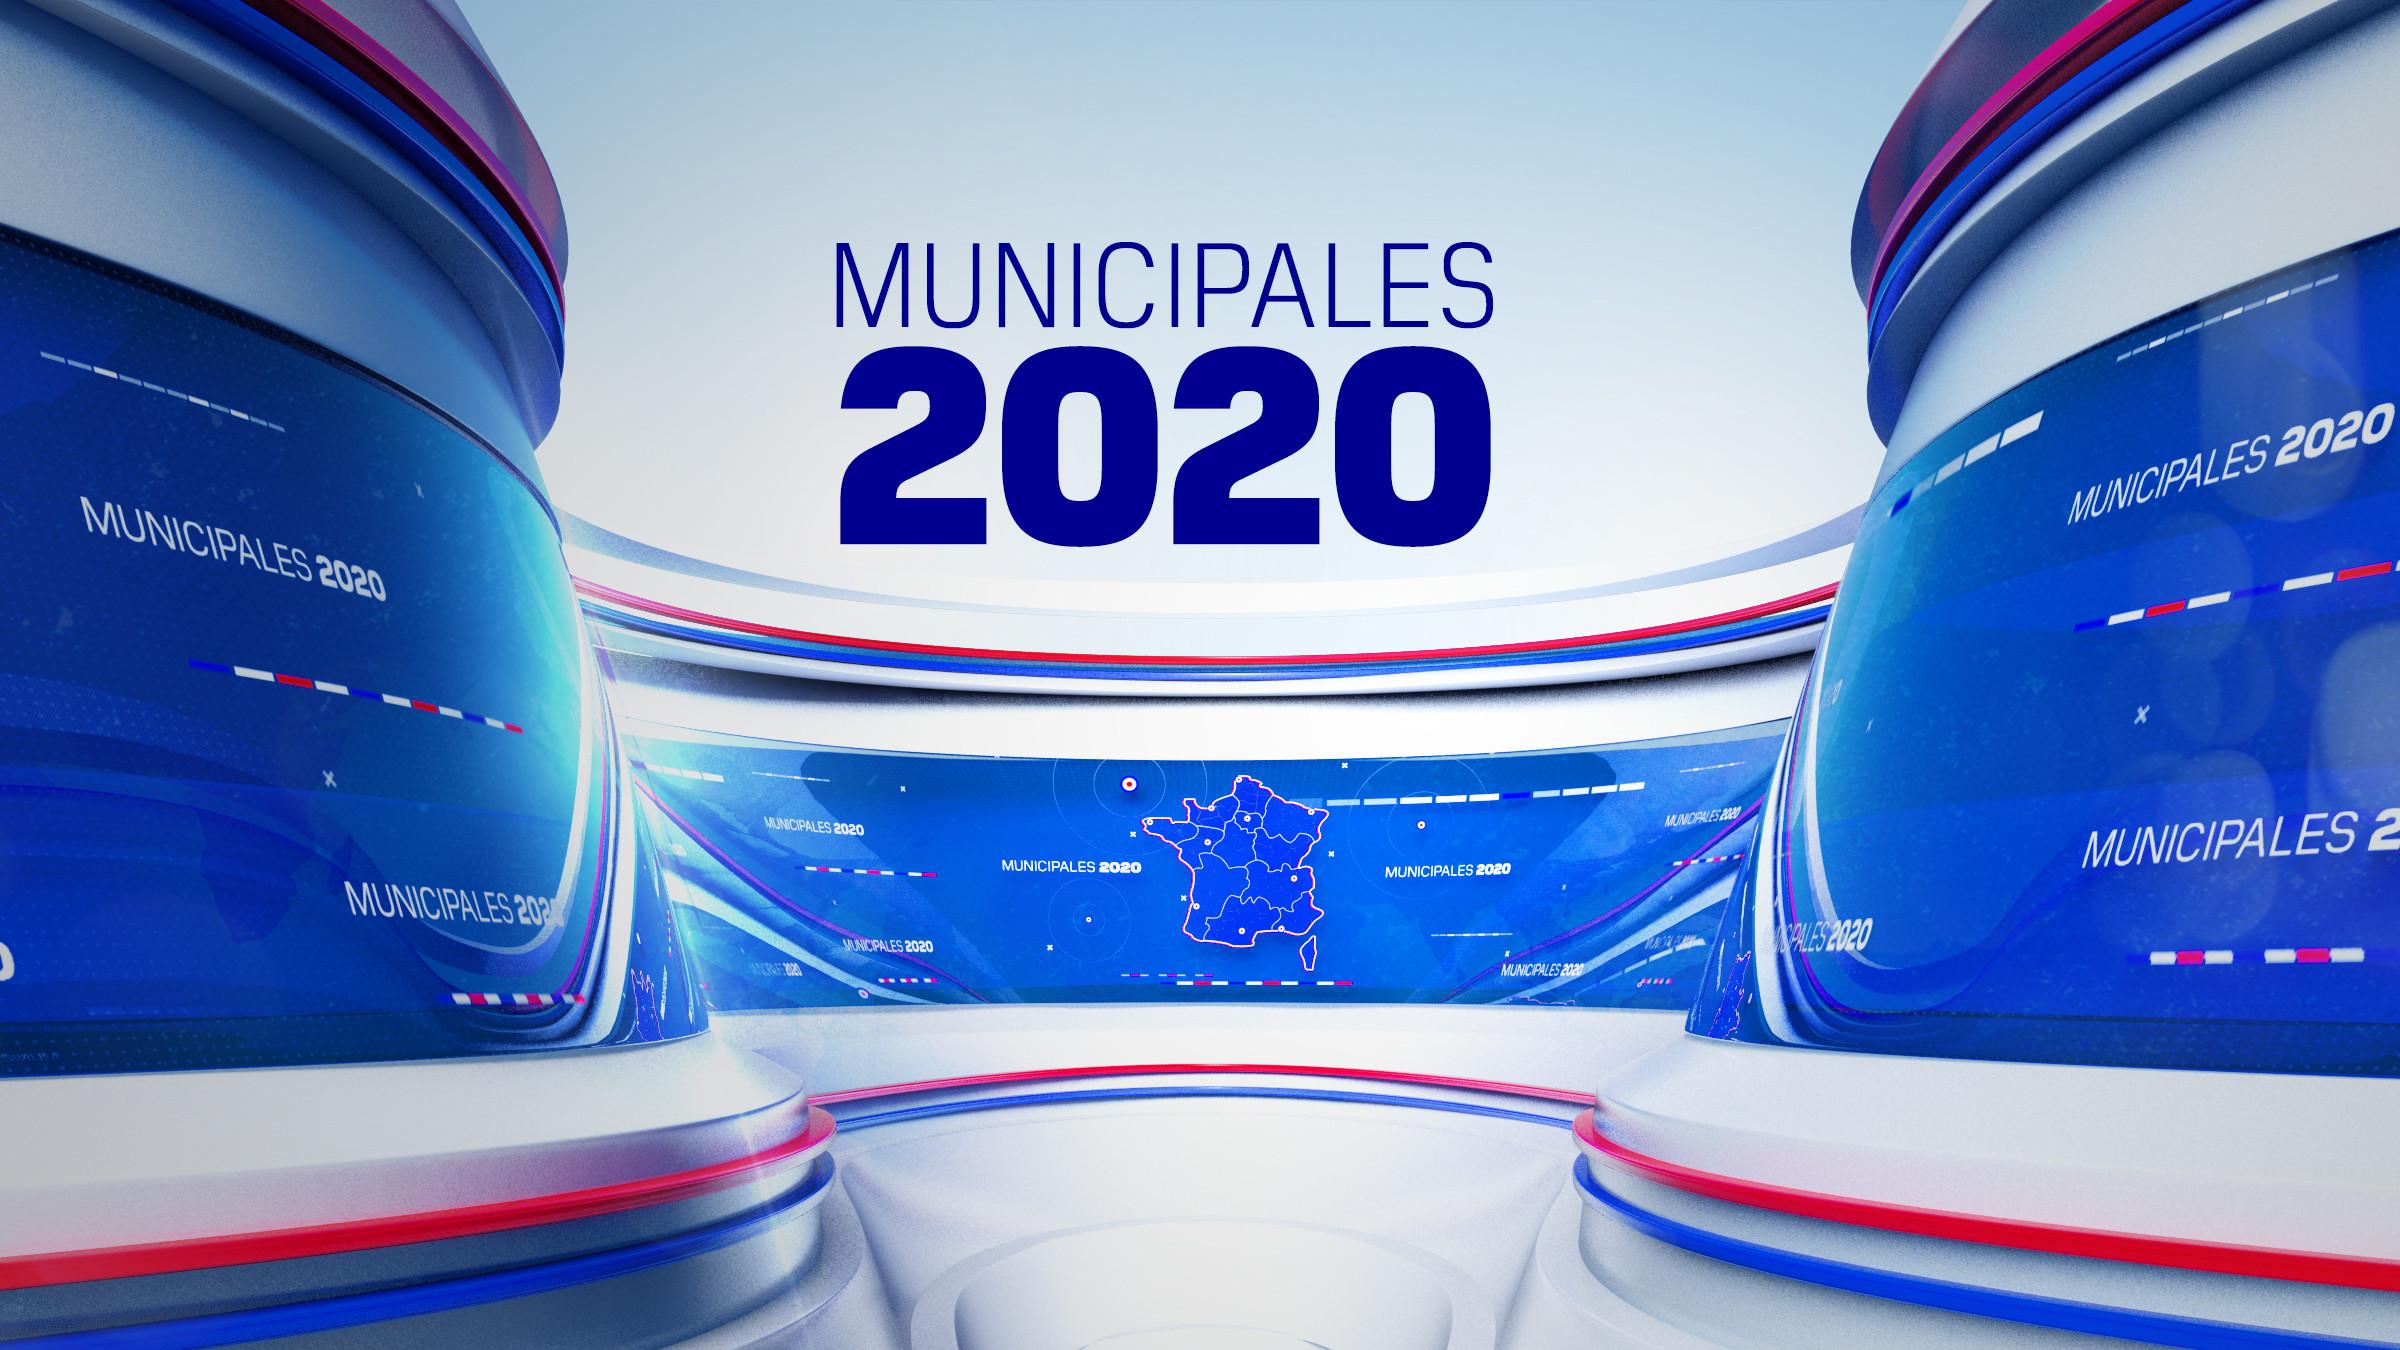 Élections Municipales 2020 BFMTV MUR